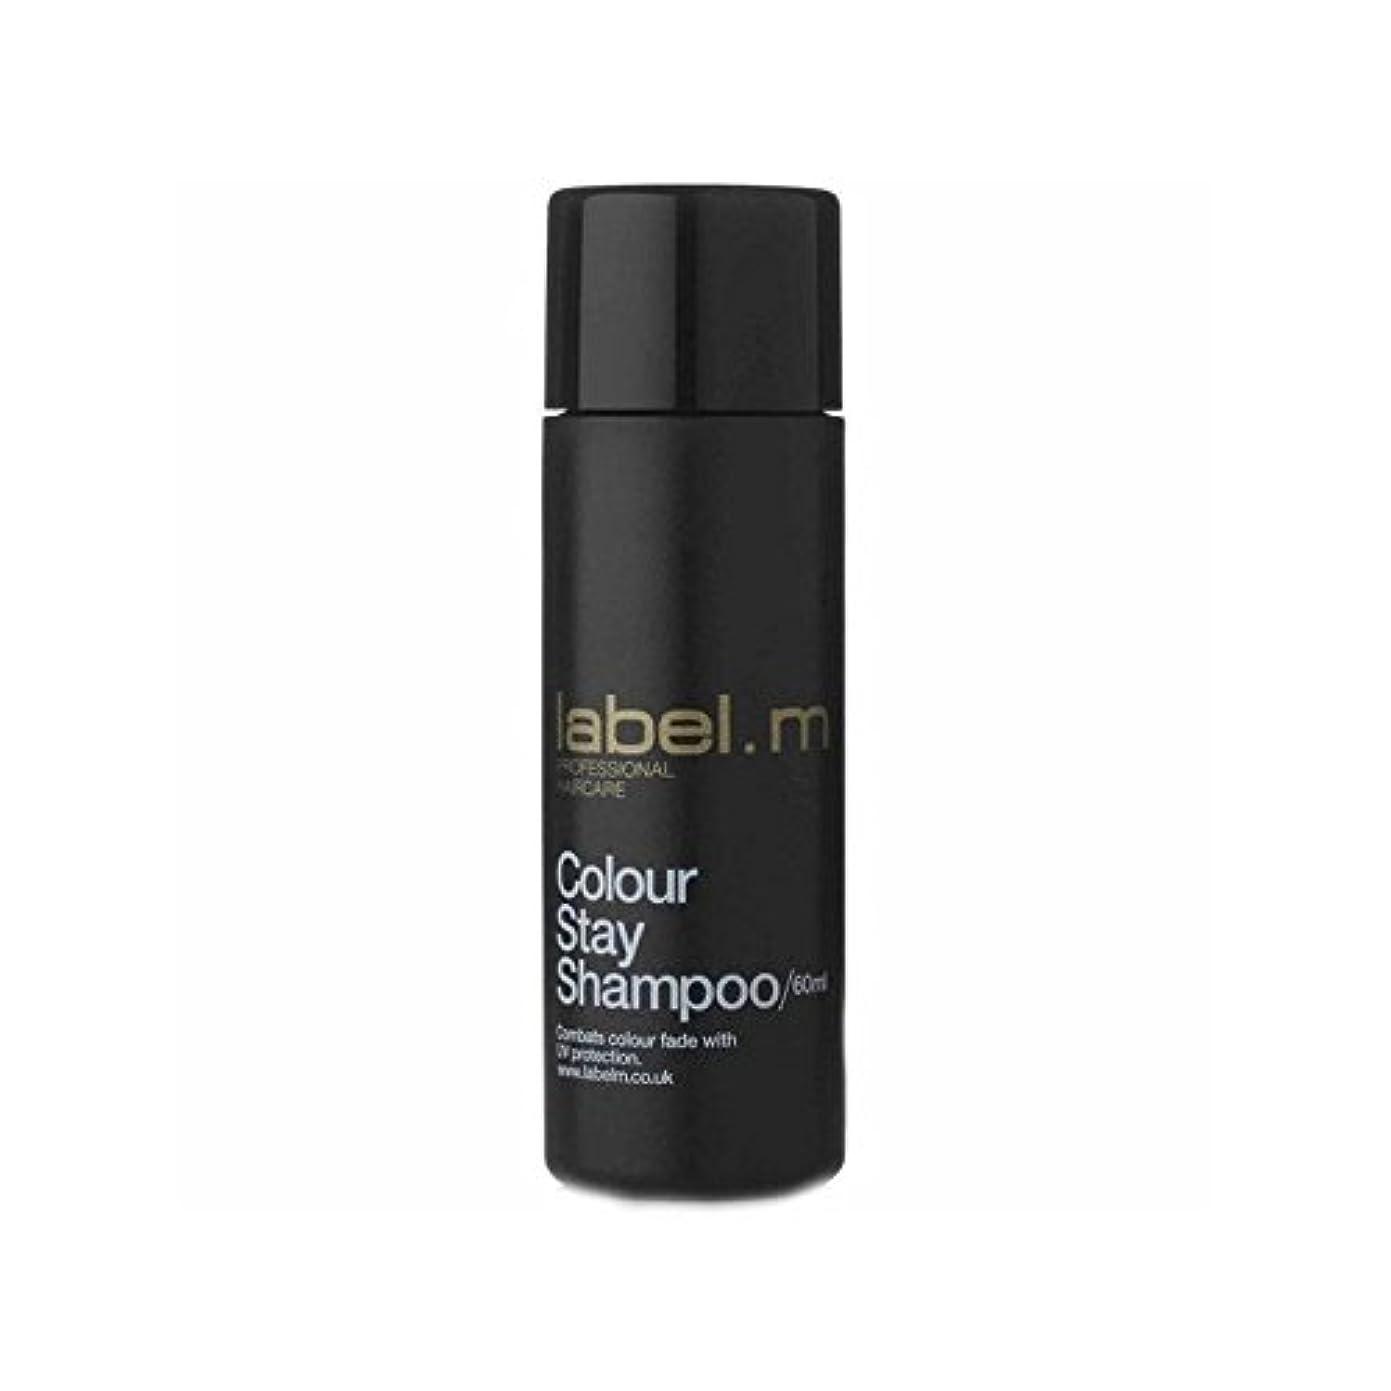 机咲く酒Label.M Colour Stay Shampoo Travel Size (60ml) - .カラーステイシャンプーの旅行サイズ(60ミリリットル) [並行輸入品]